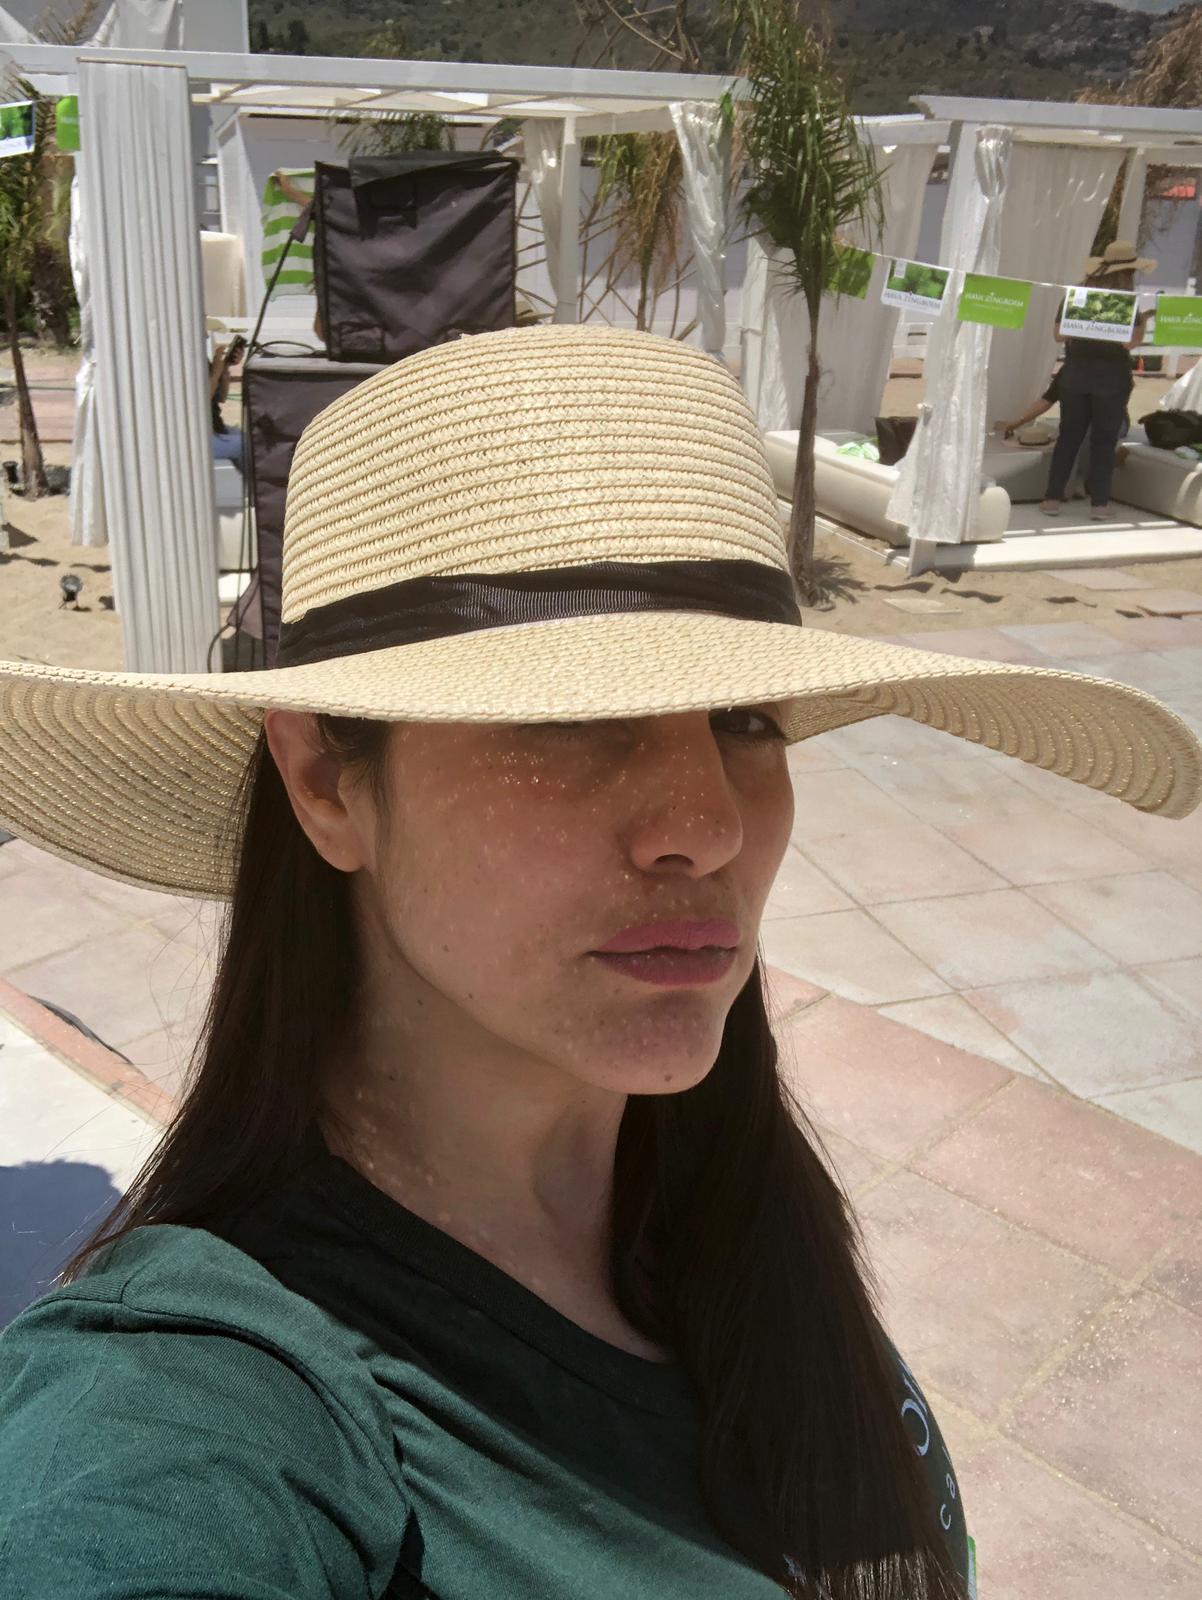 חוה פרגנה בכובע שמש לא  ניקח?